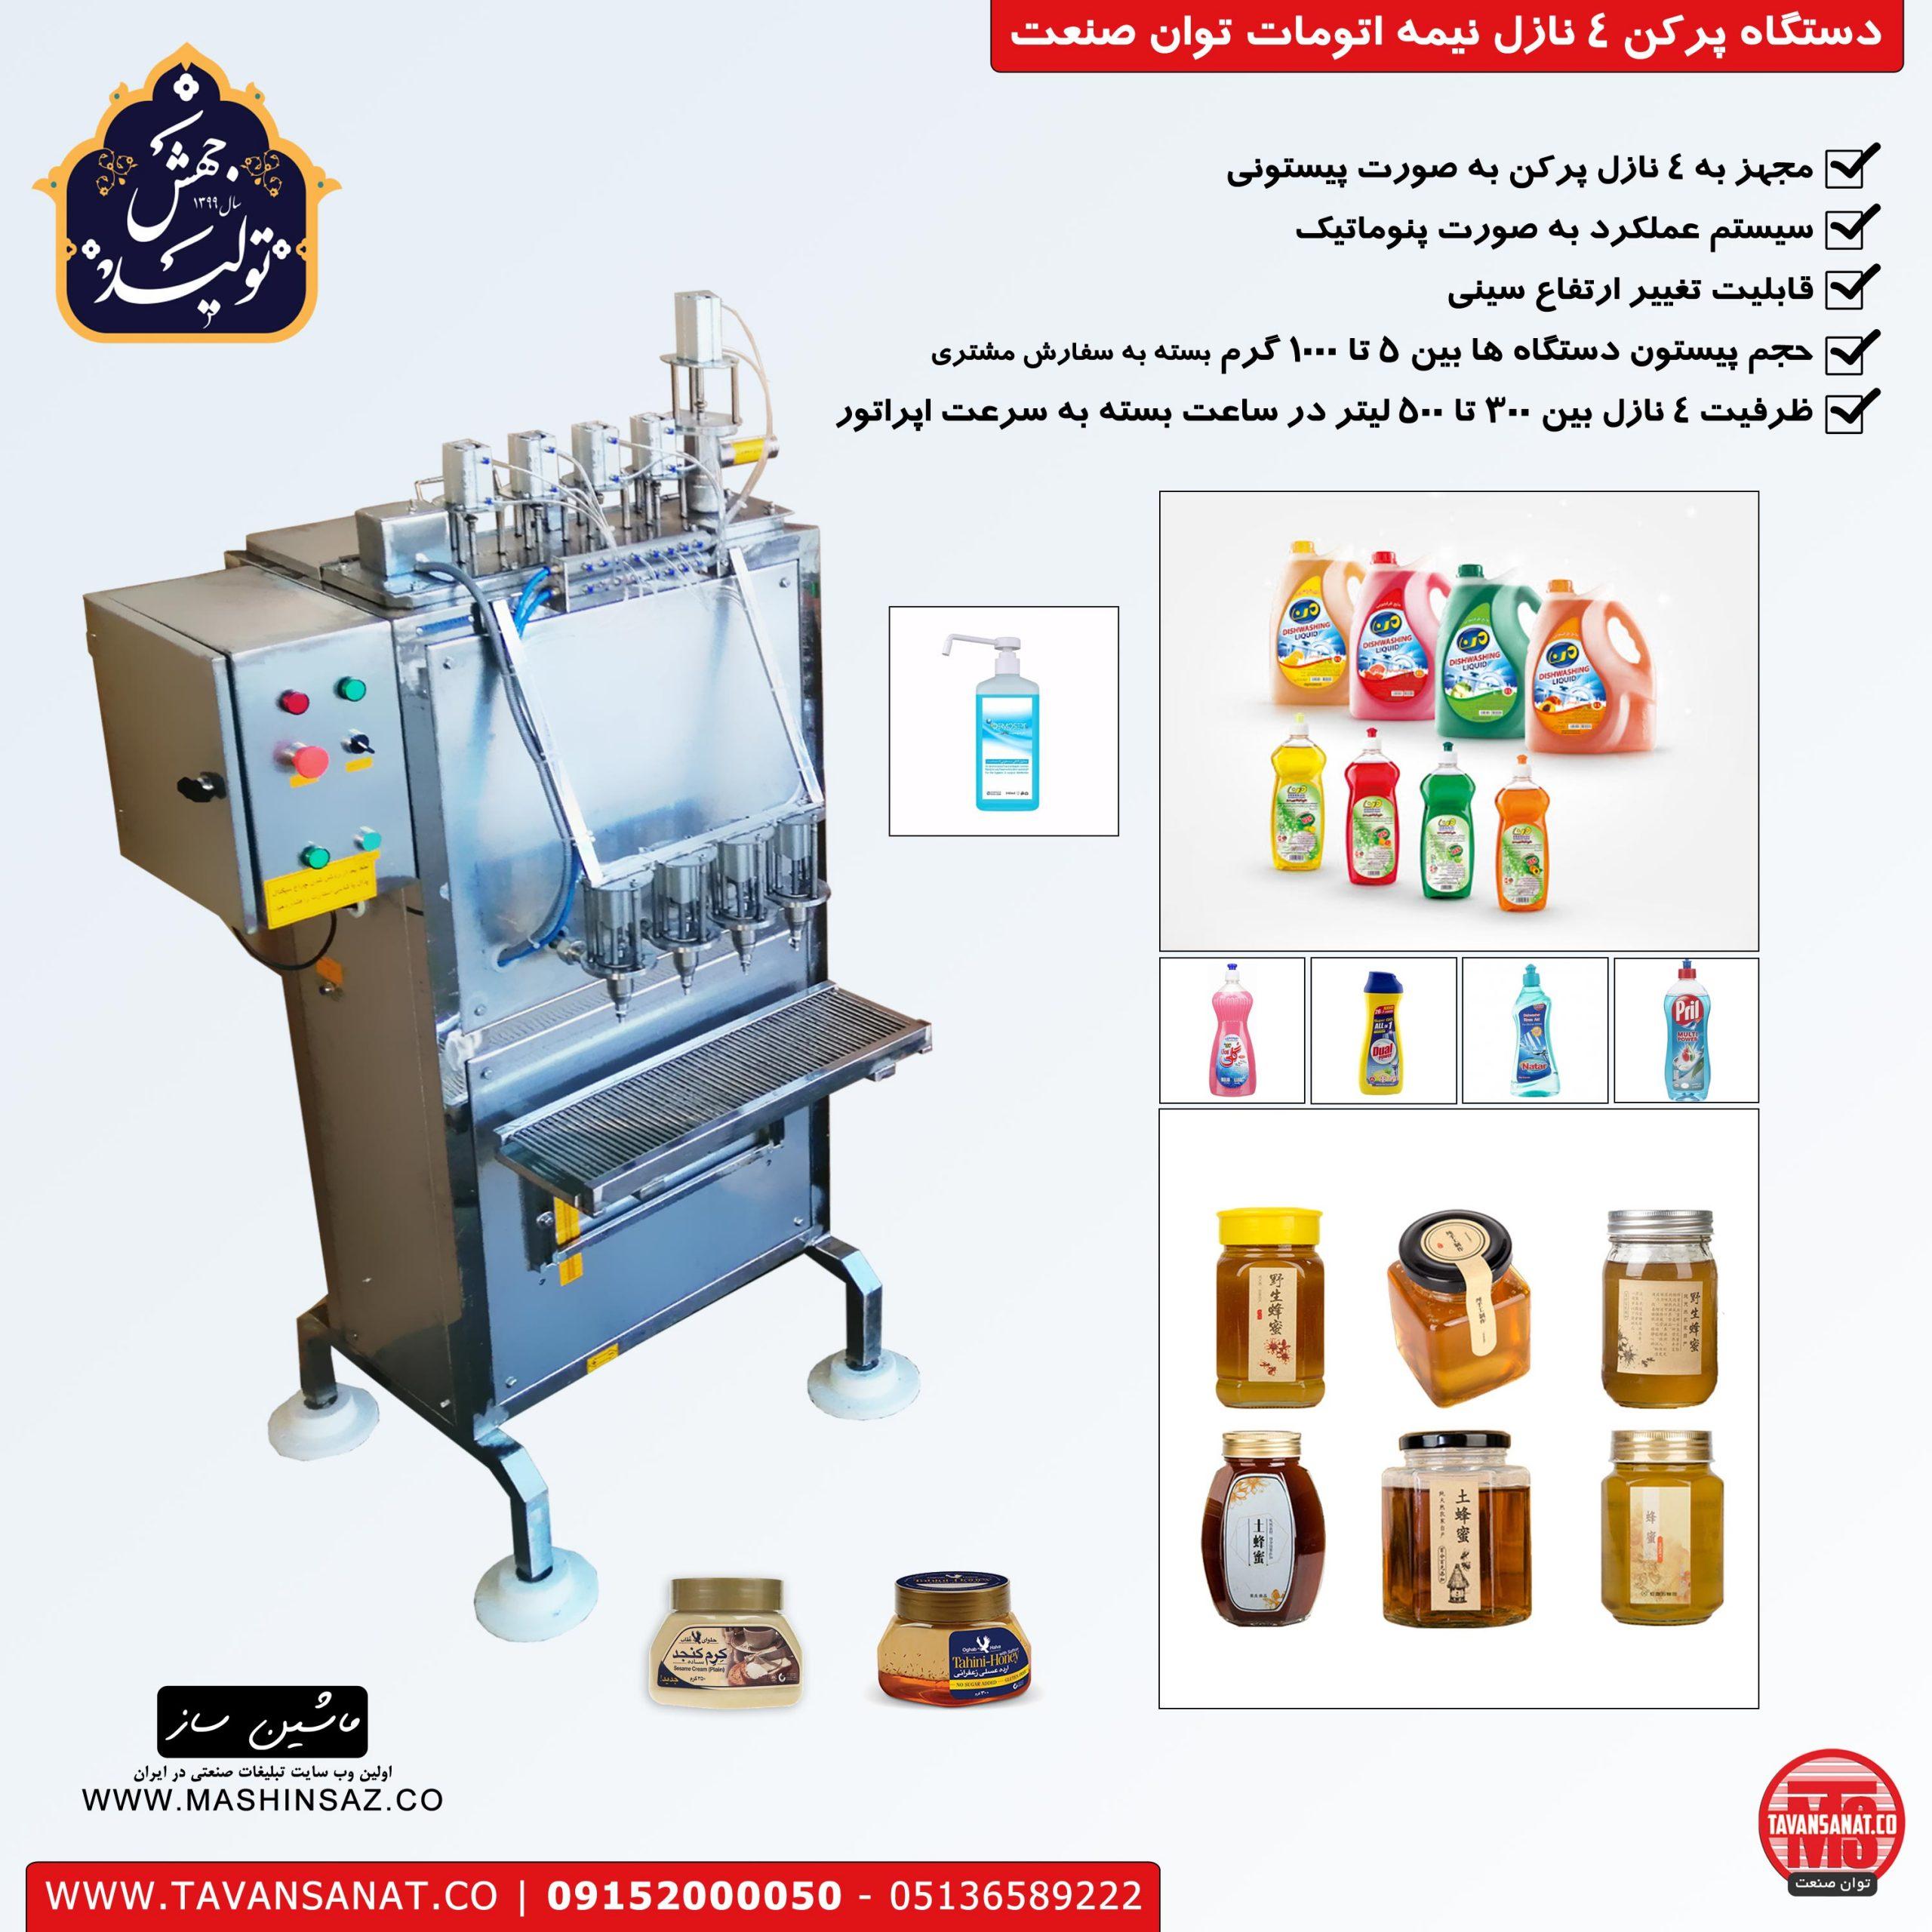 تولید مواد شوینده دستگاه پرکن مواد شوینده قیمت دستگاه پرکن شامپو scaled - دستگاه پر کن عسل